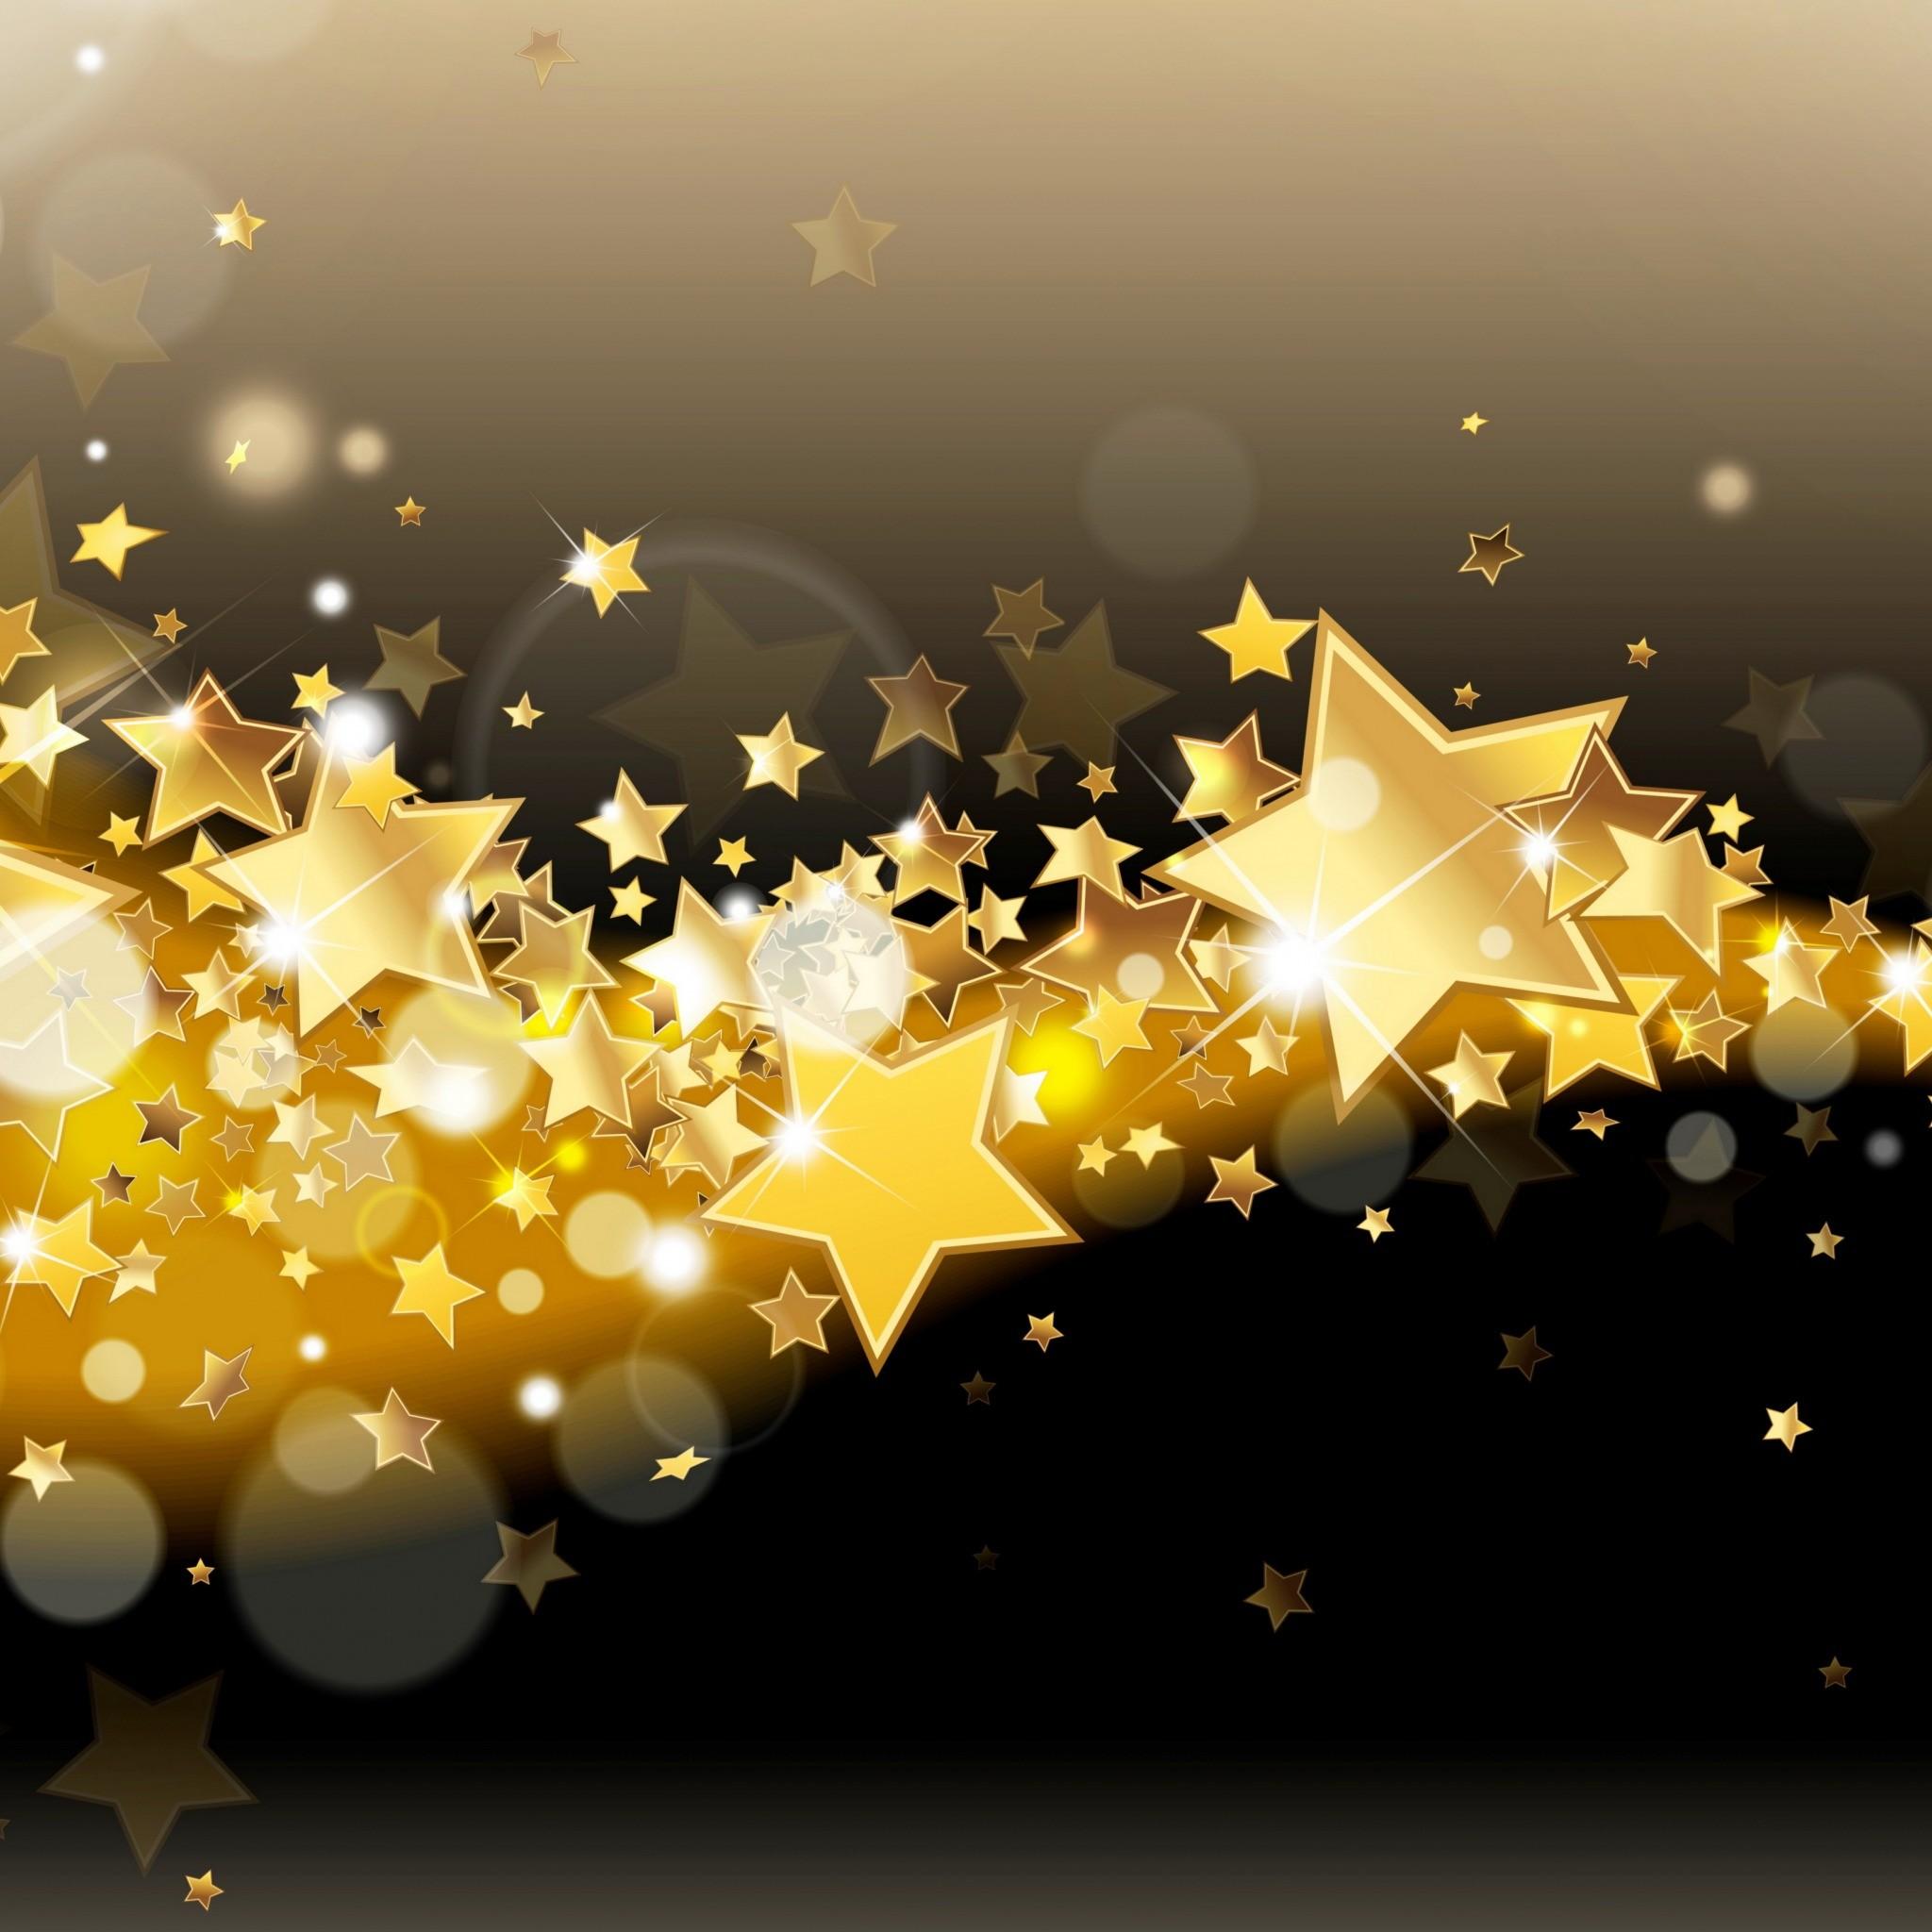 gold lights wallpaper